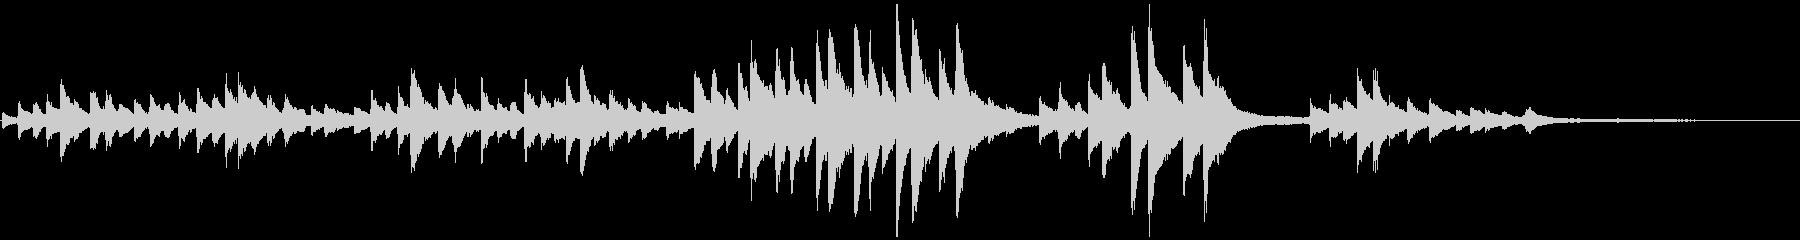 仰げば尊し シンプルなピアノソロの未再生の波形